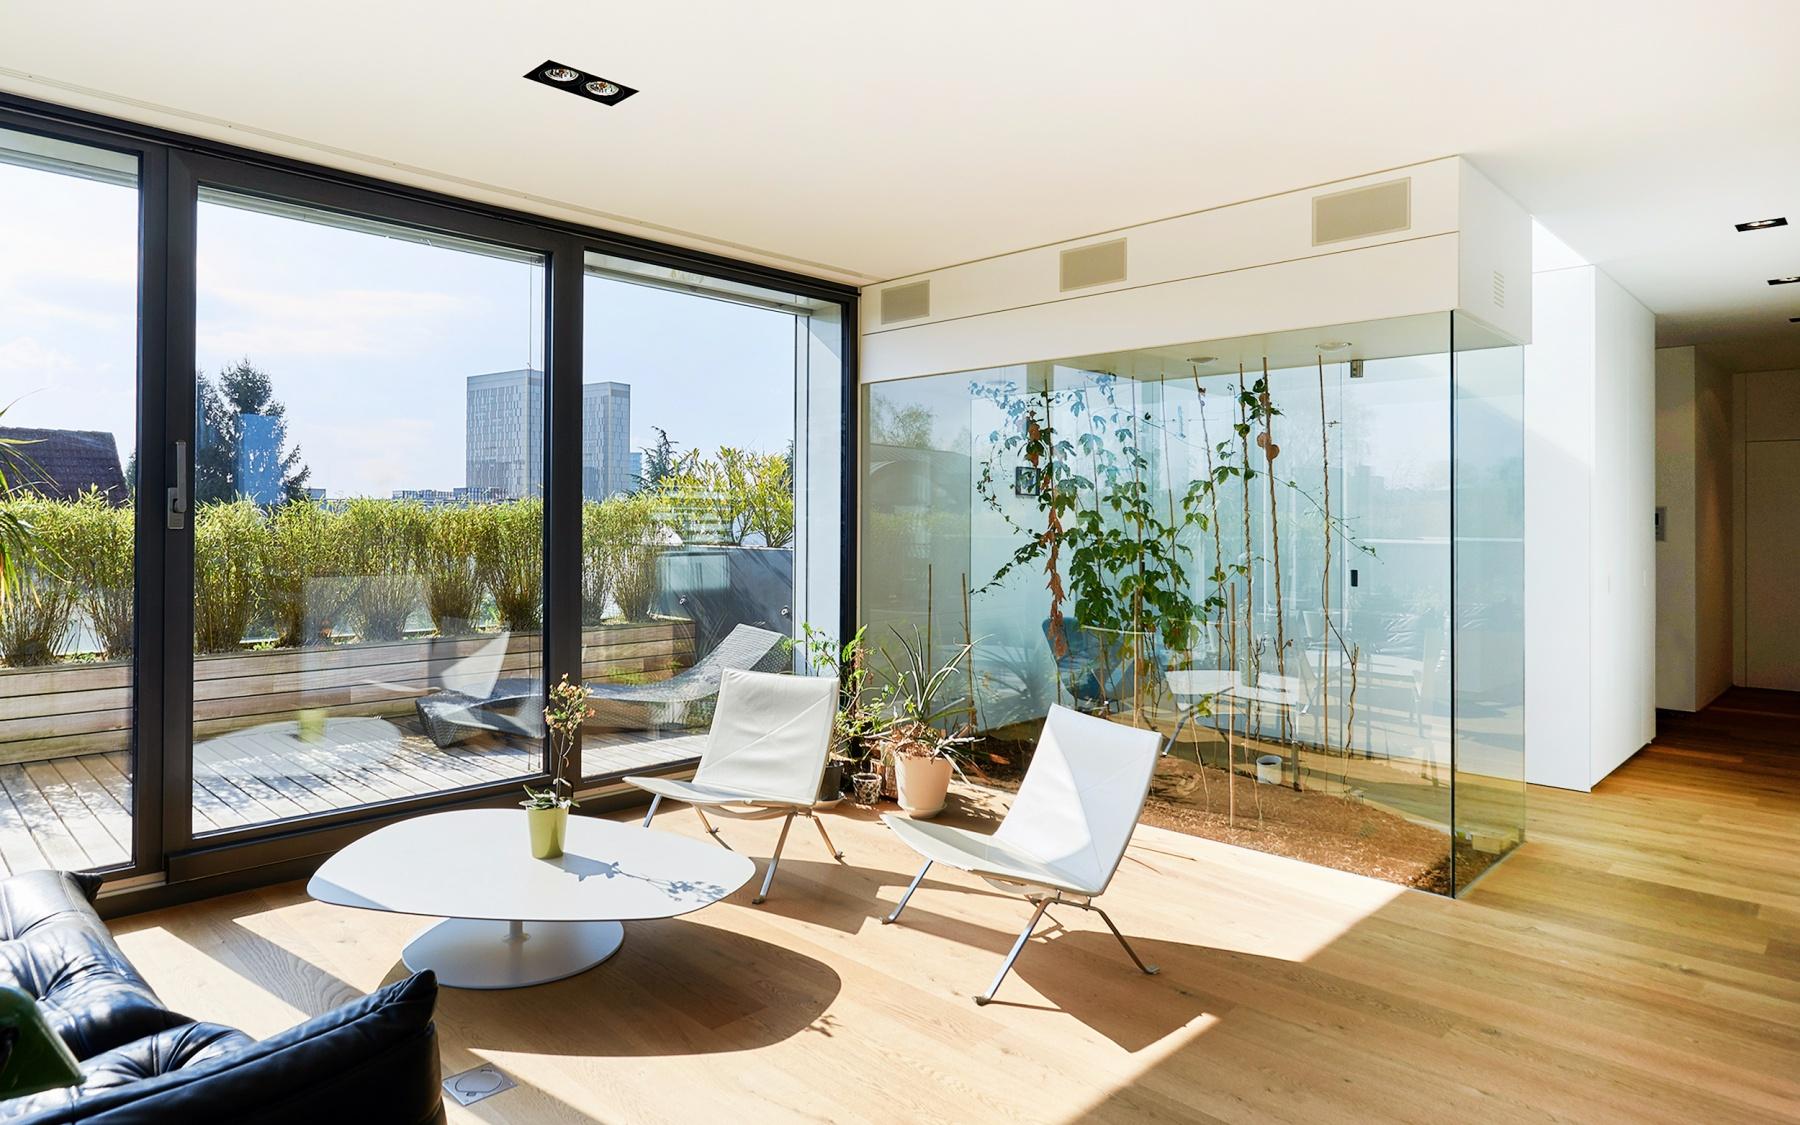 Penthouse d'architecte meublé à Luxembourg-Kirchberg